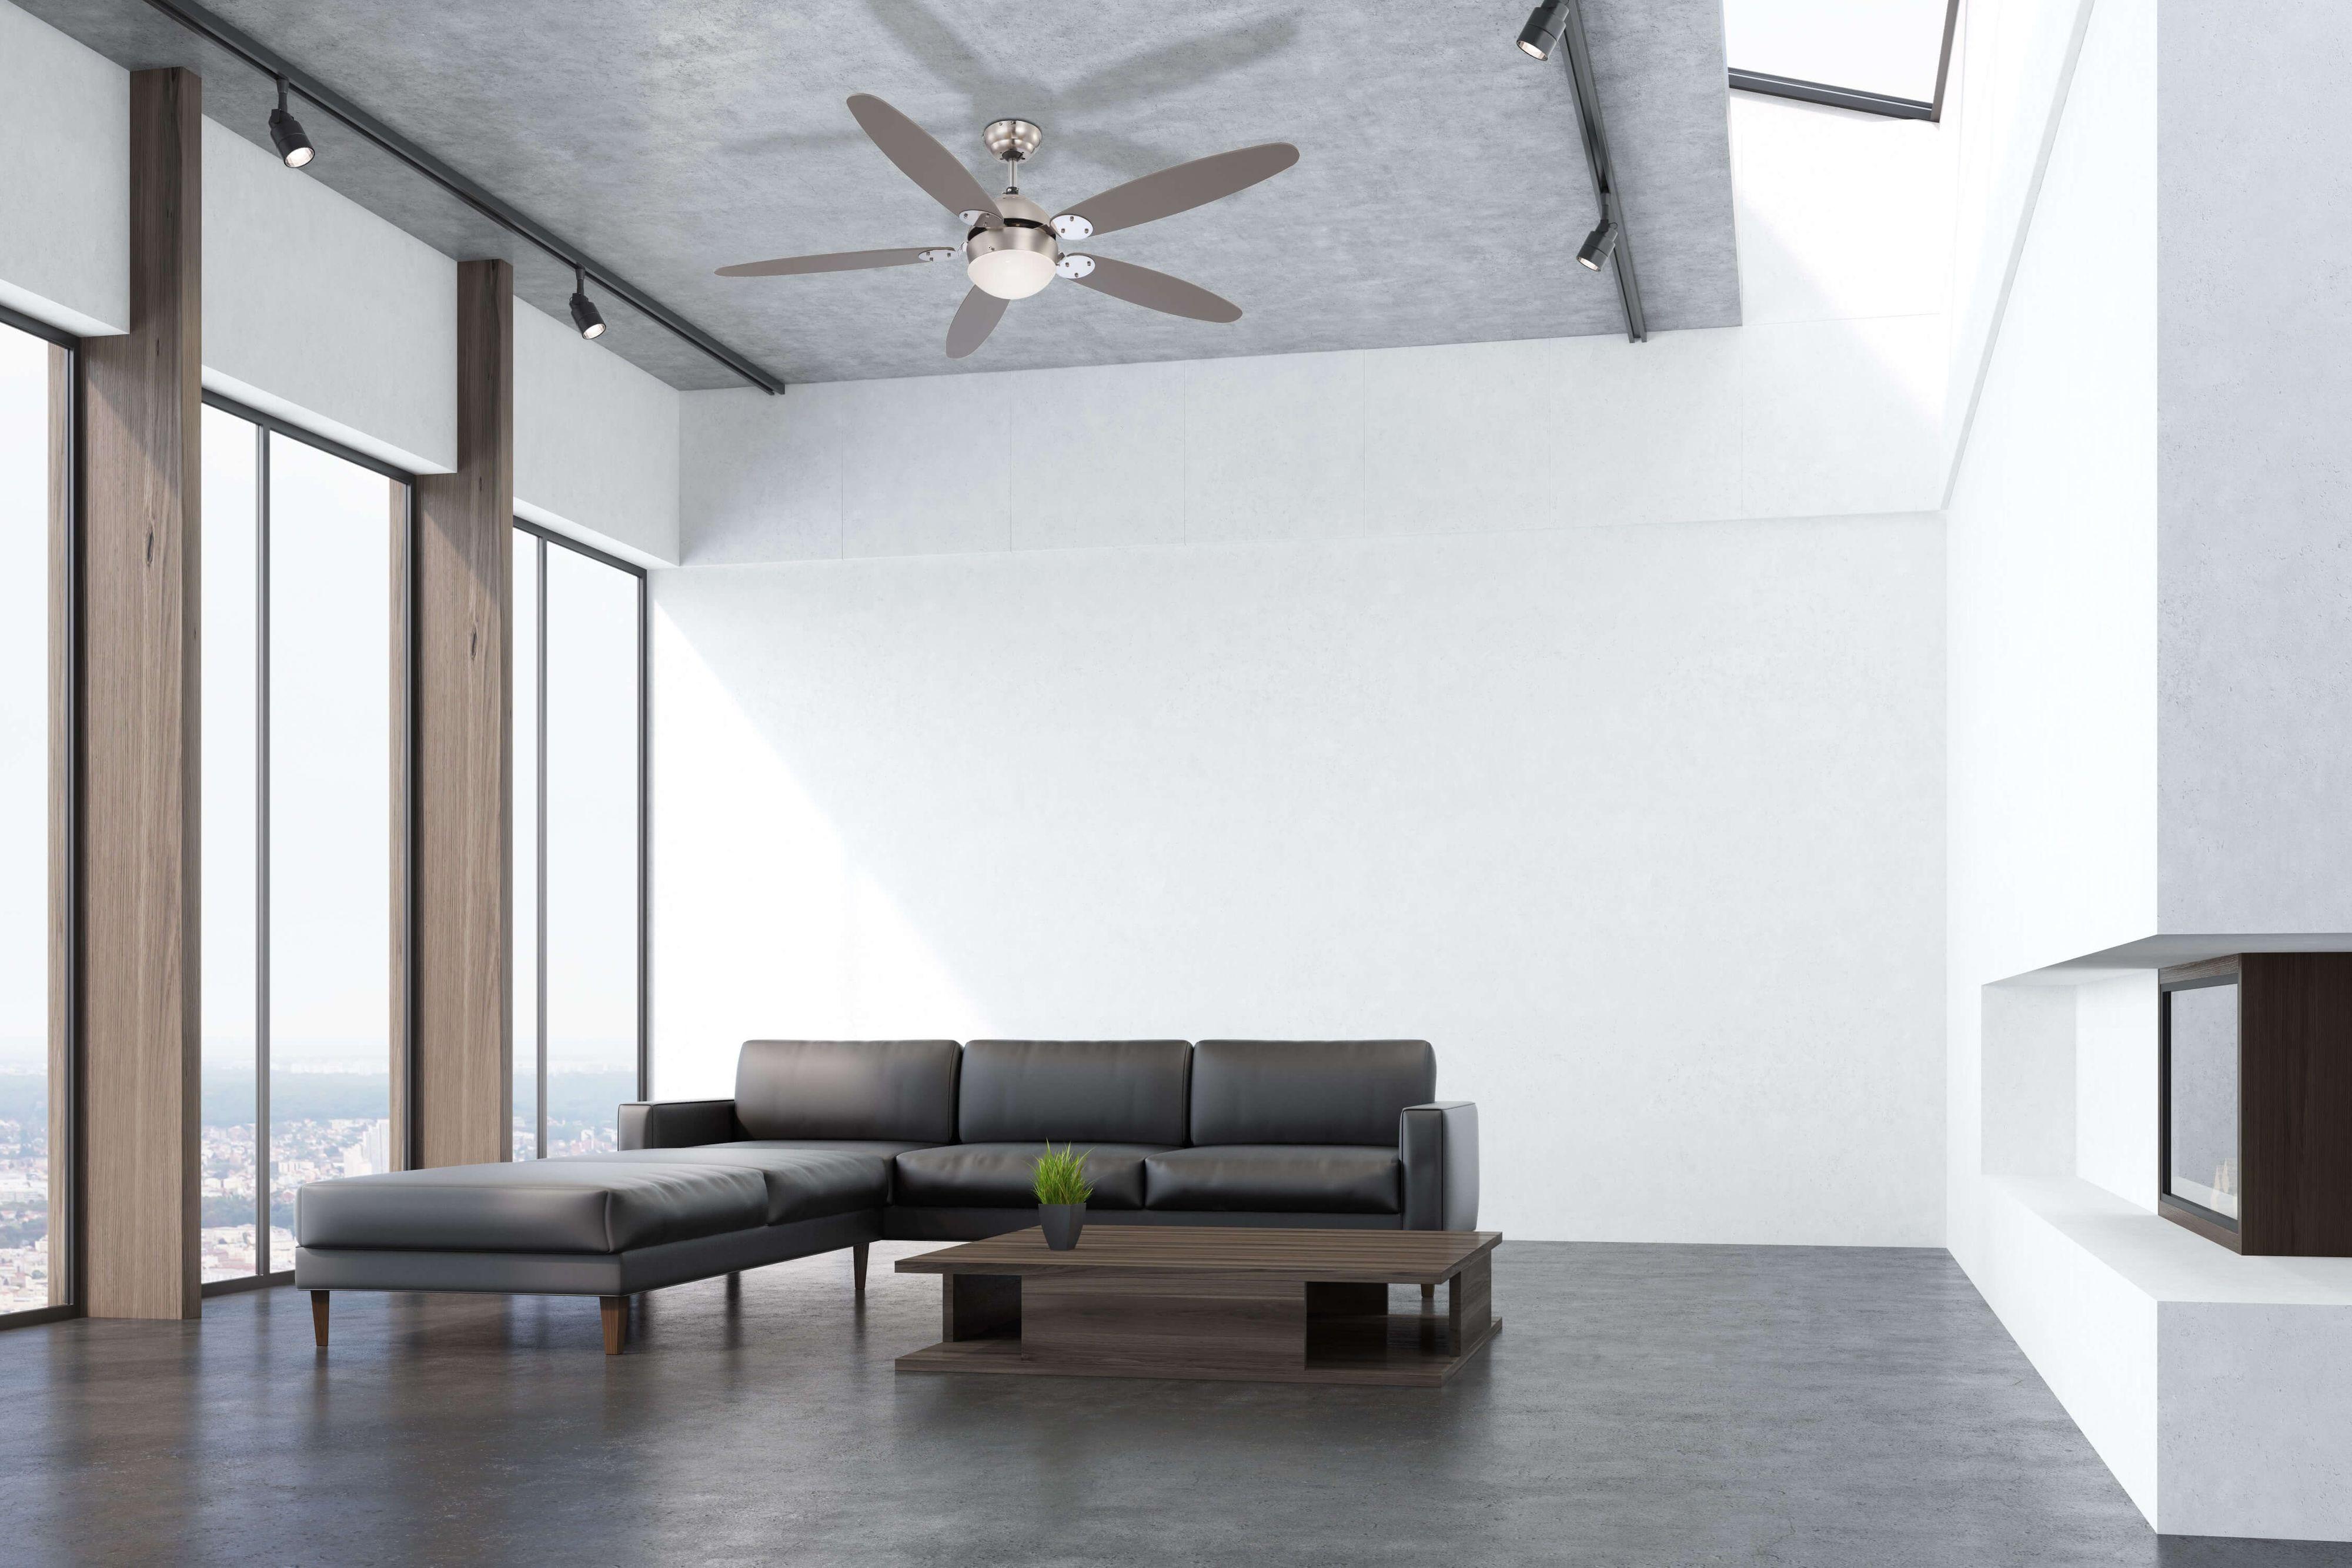 Design Ventilateur Plafond Azura 132 cm Nickel mat//chrome avec éclairage